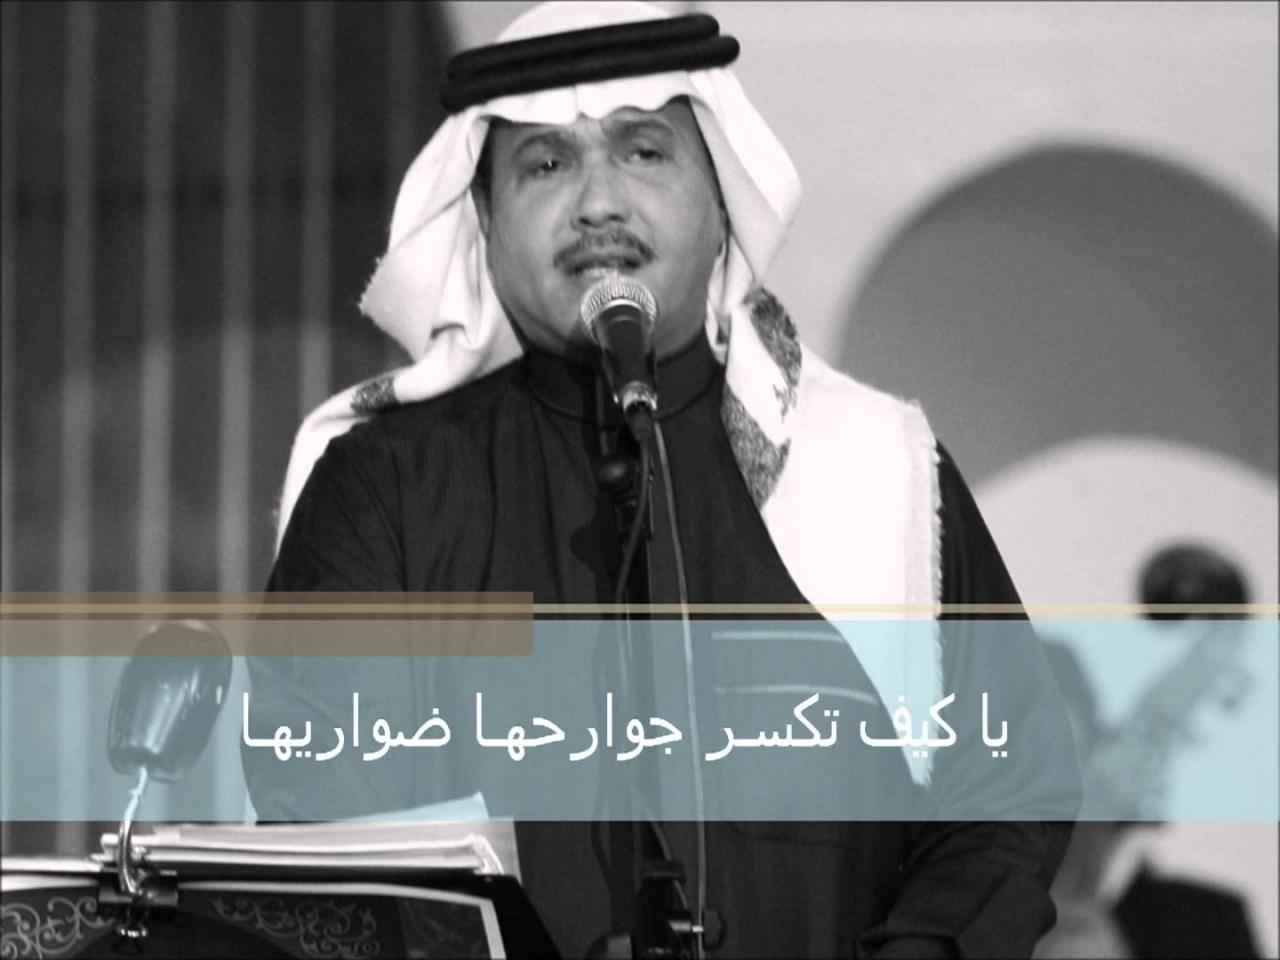 صورة ضناني الشوق كلمات , اغنية ضناني الشوق كلمات لمحمد عبده